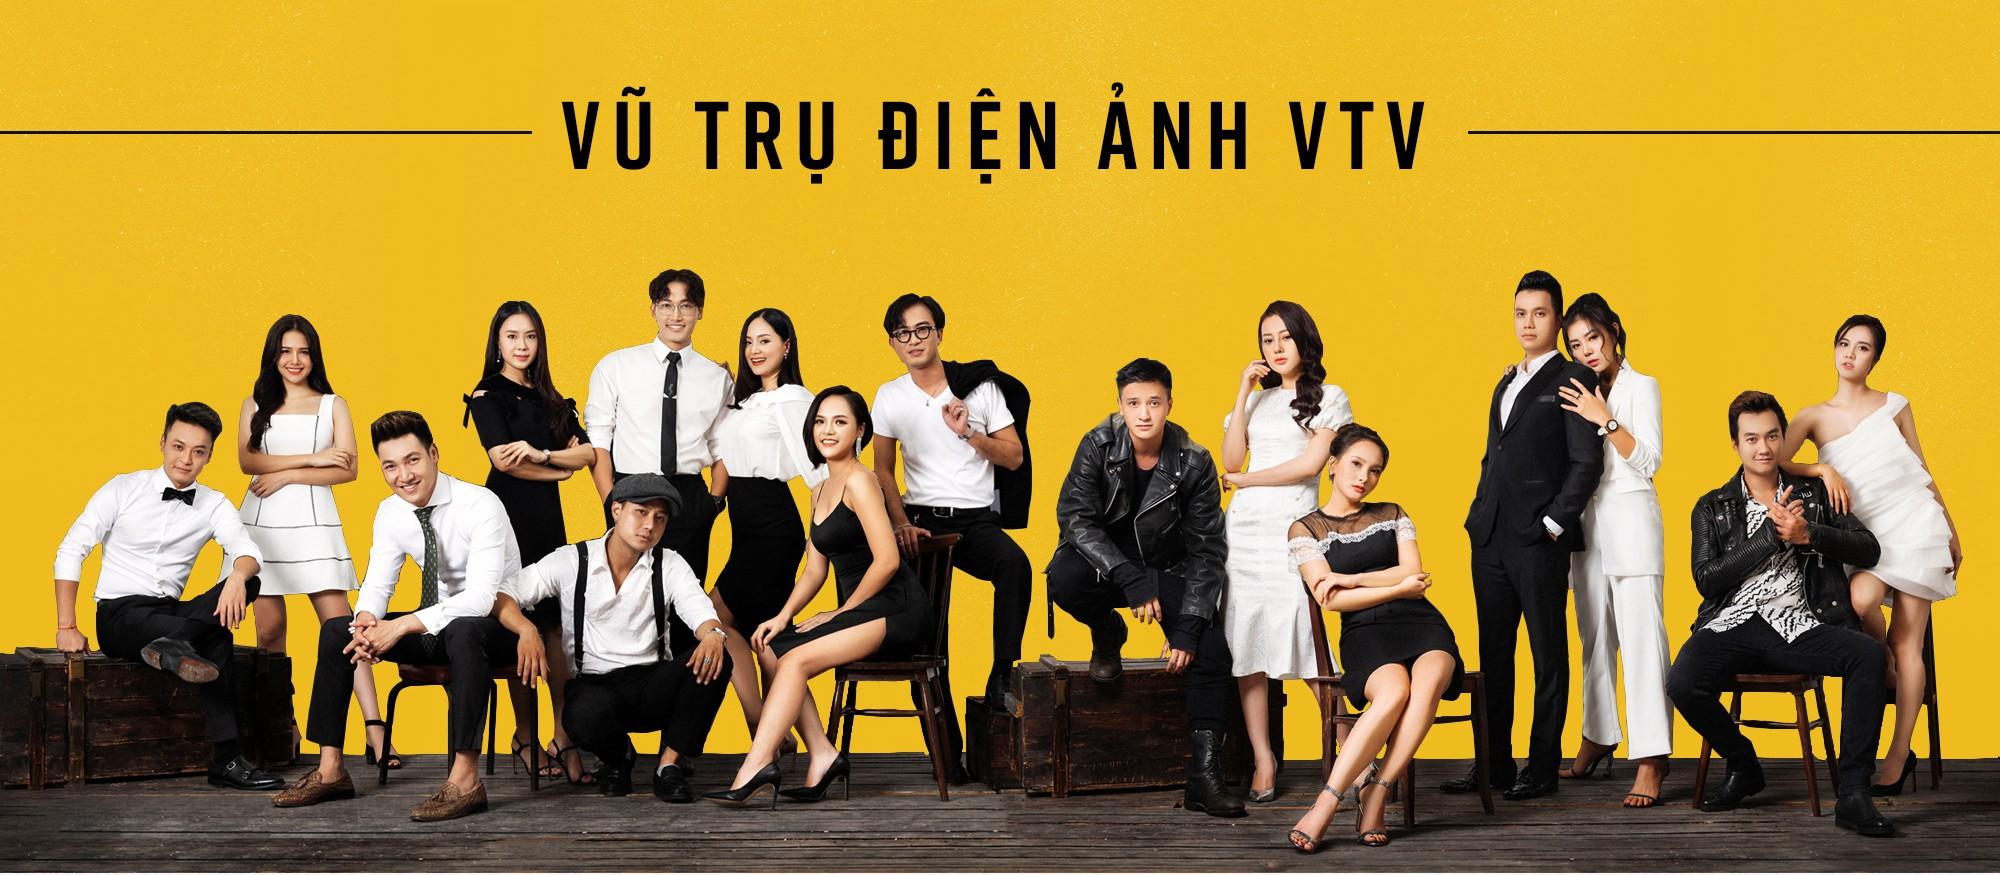 Qua rồi thời ăn may, Vũ trụ VTV đã khiến phim truyền hình Việt trở thành một cơn sốt đích thực! - Ảnh 15.